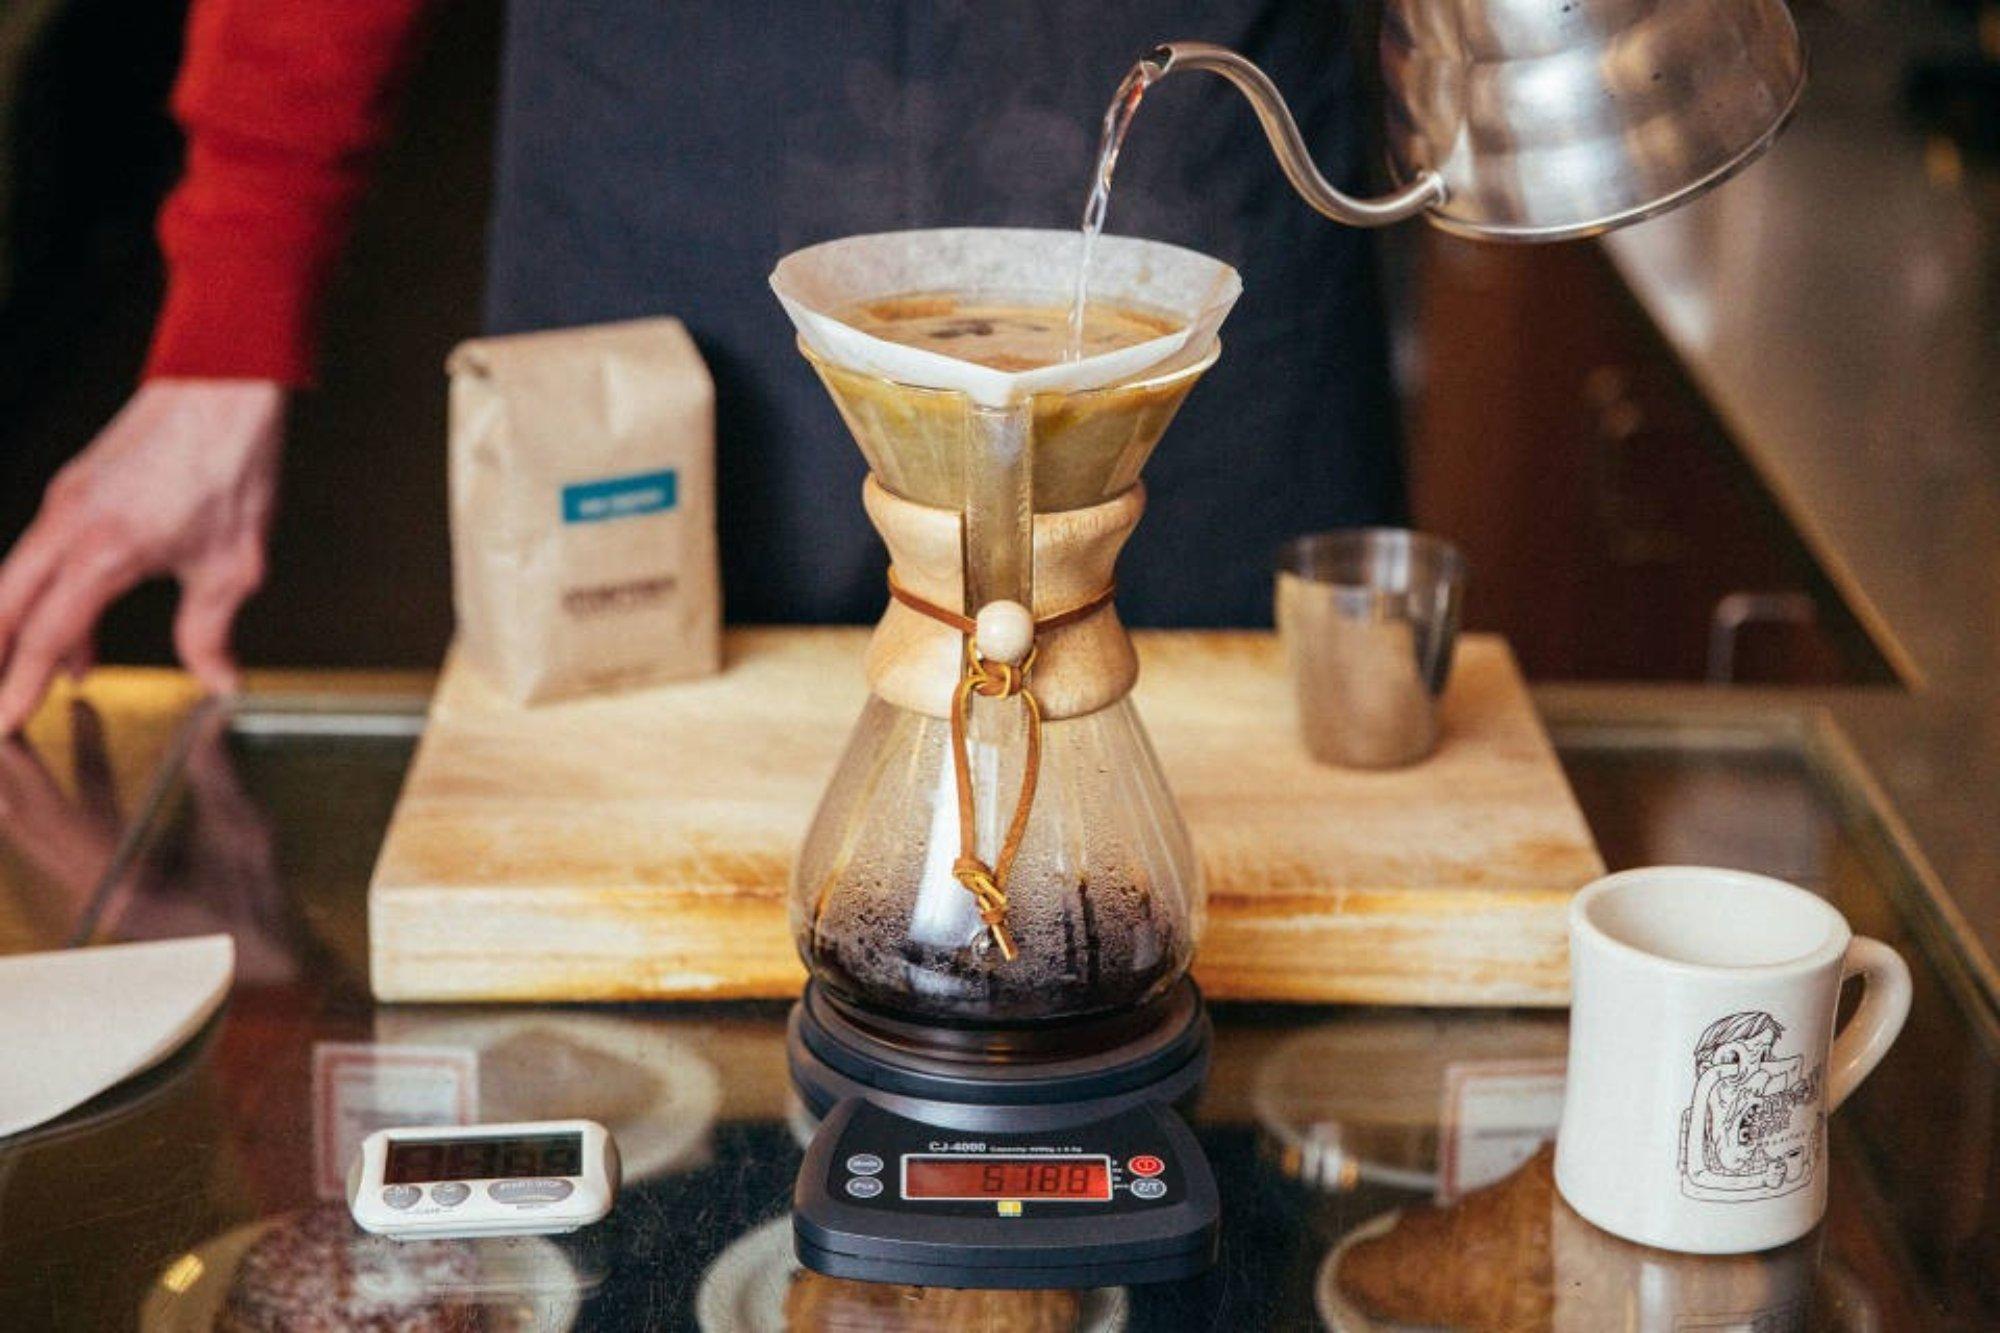 Кемекс для приготовления фильтр-кофе